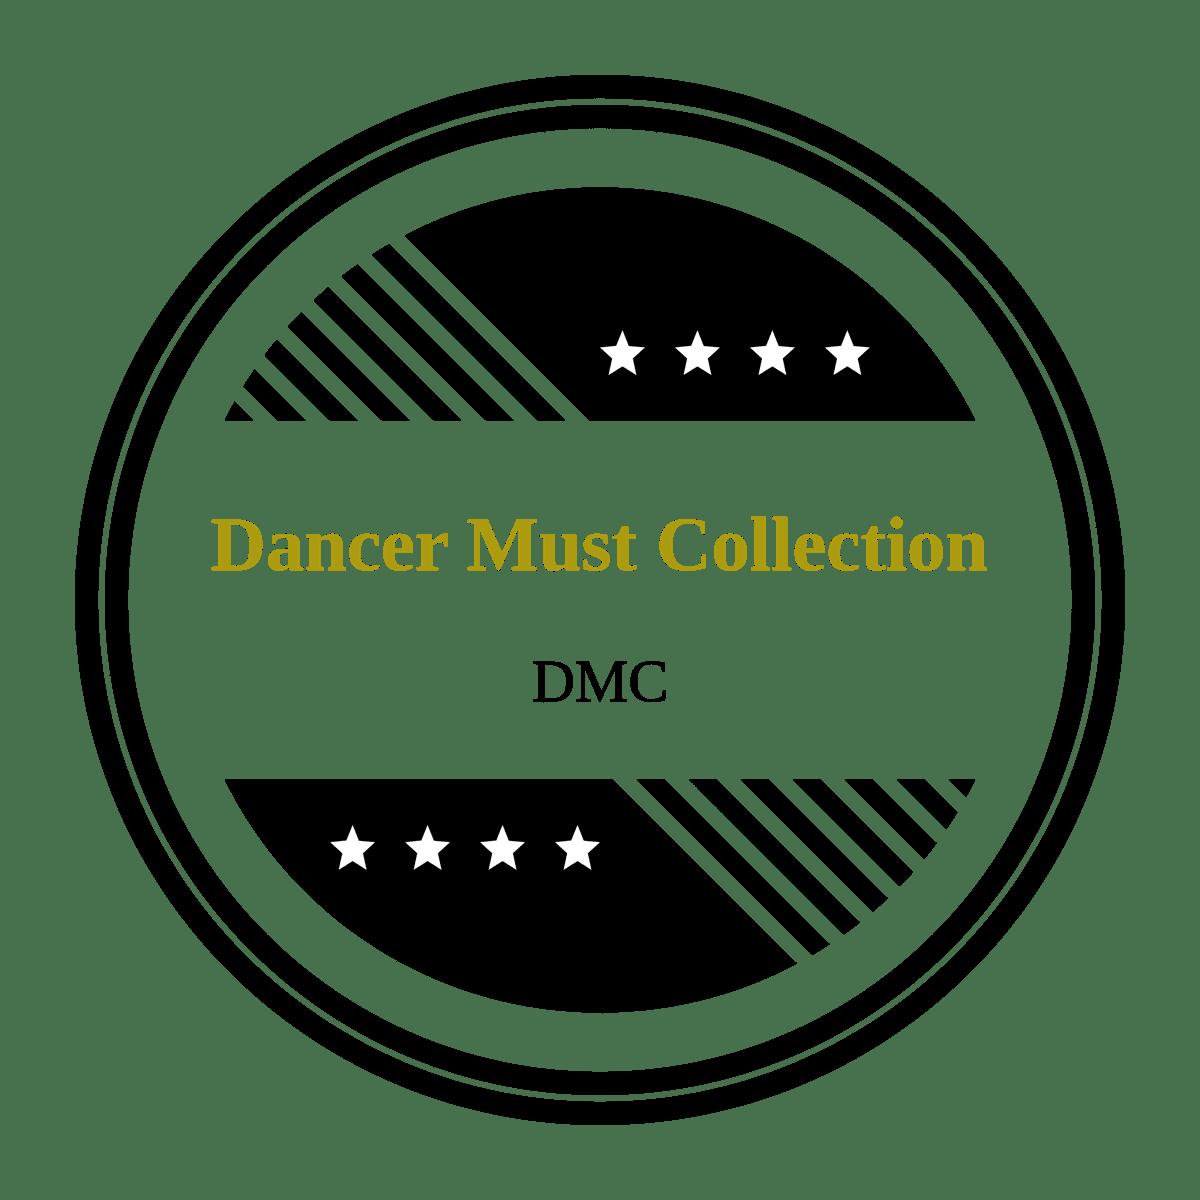 Dancer(s) ダンサーズ Must マスト Collection コレクション - RECNAD TOKYO